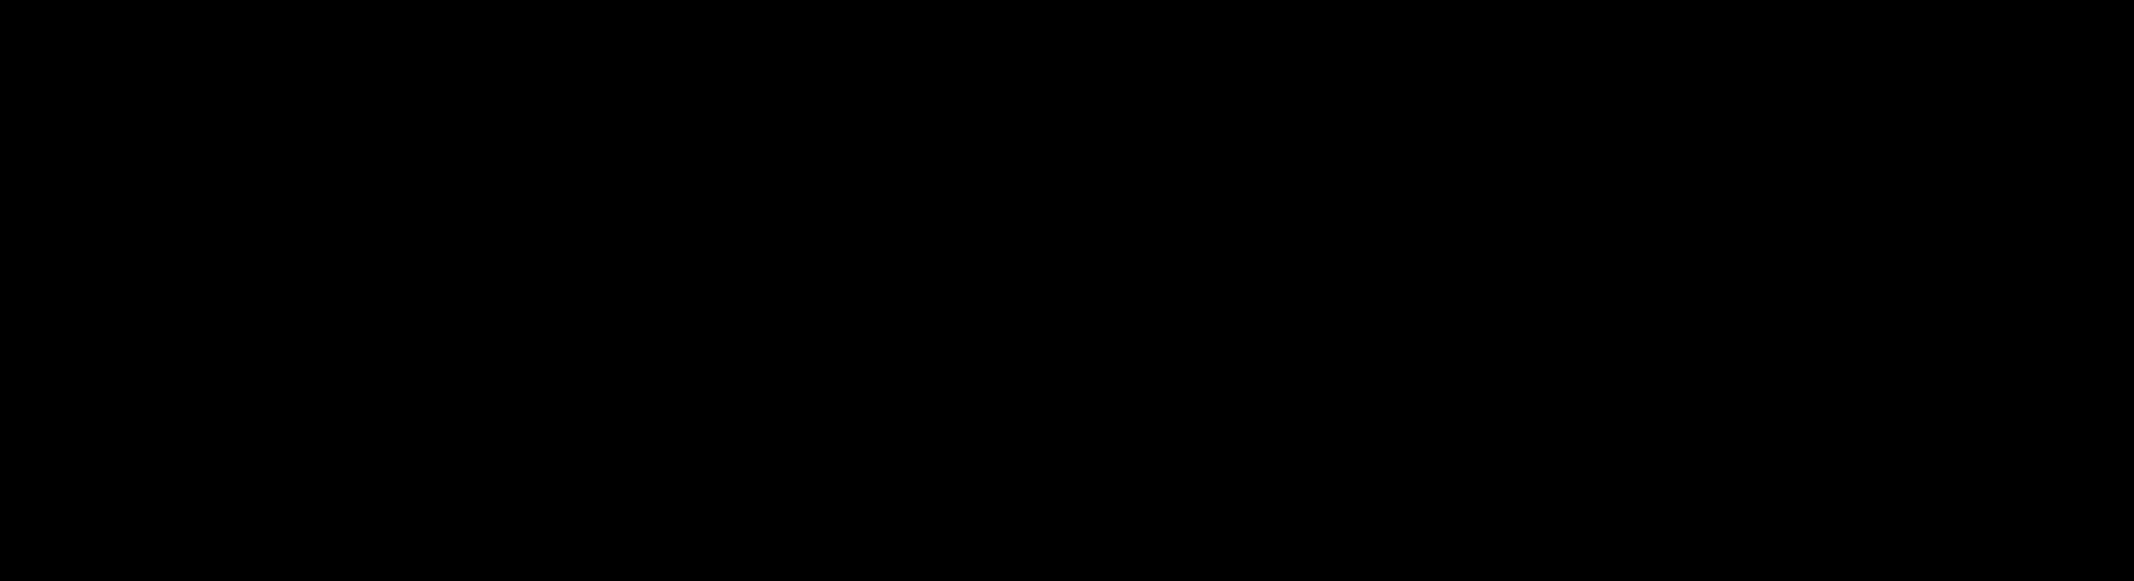 word image 583 Разработка и внедрение экологически безопасного биопрепарата для органического животноводства на основе защищенного продукта пчеловодства трутневого расплода с целью повышения естественной резистентности и продуктивности молодняка крупного рогатого скота